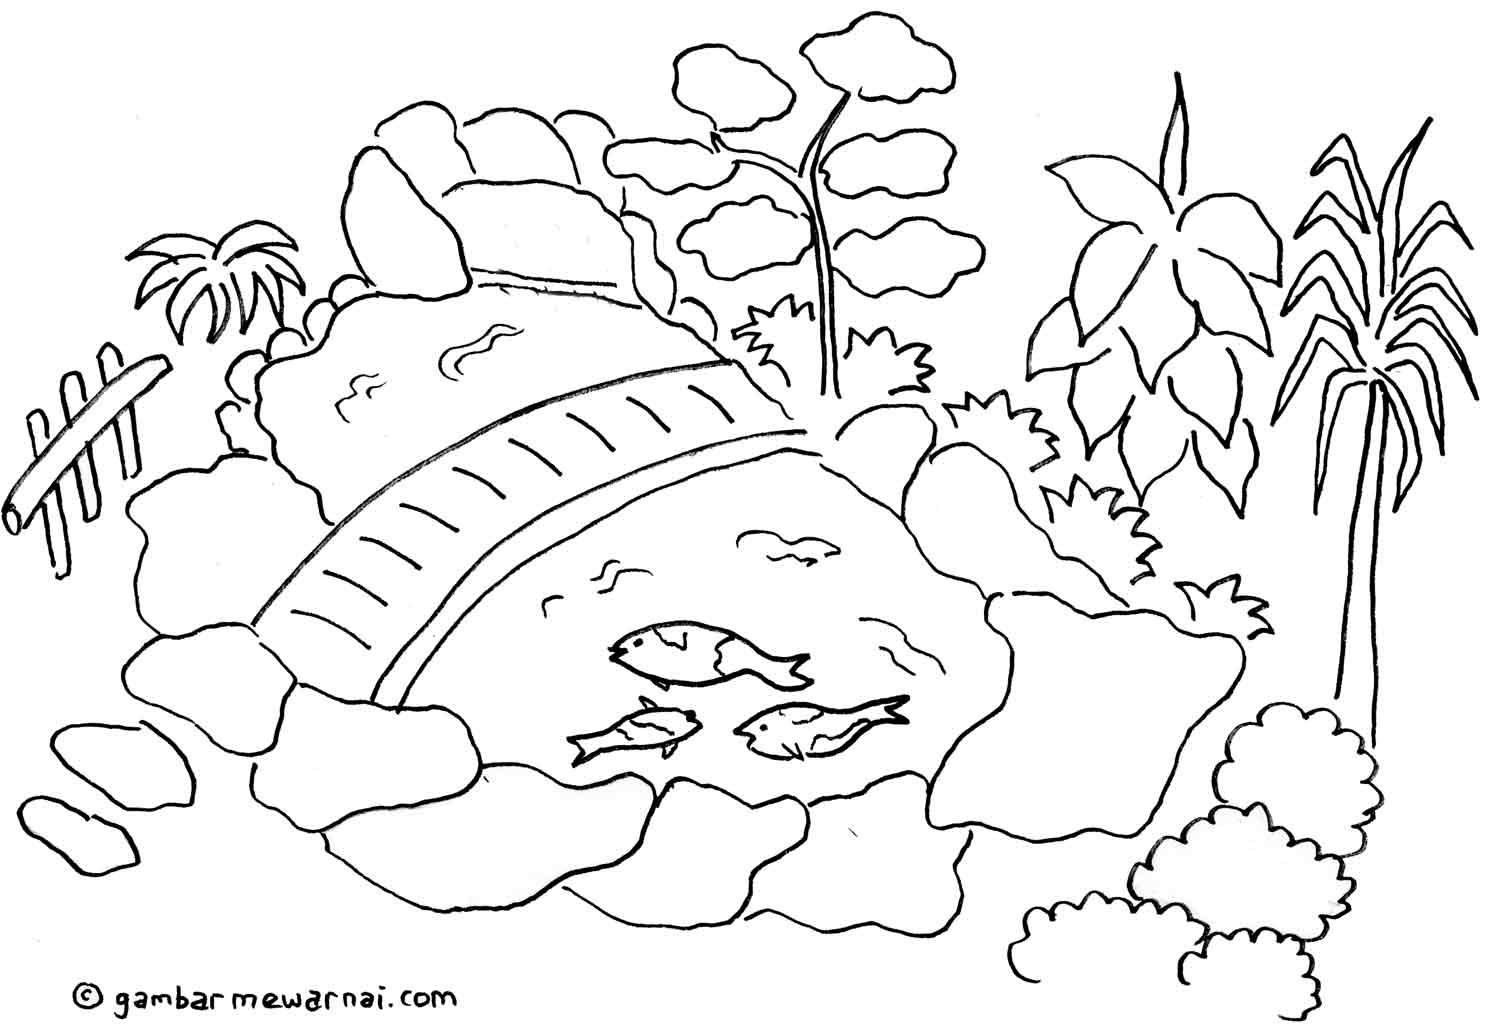 Mewarnai Gunung Meletus Dengan Crayon B Warna